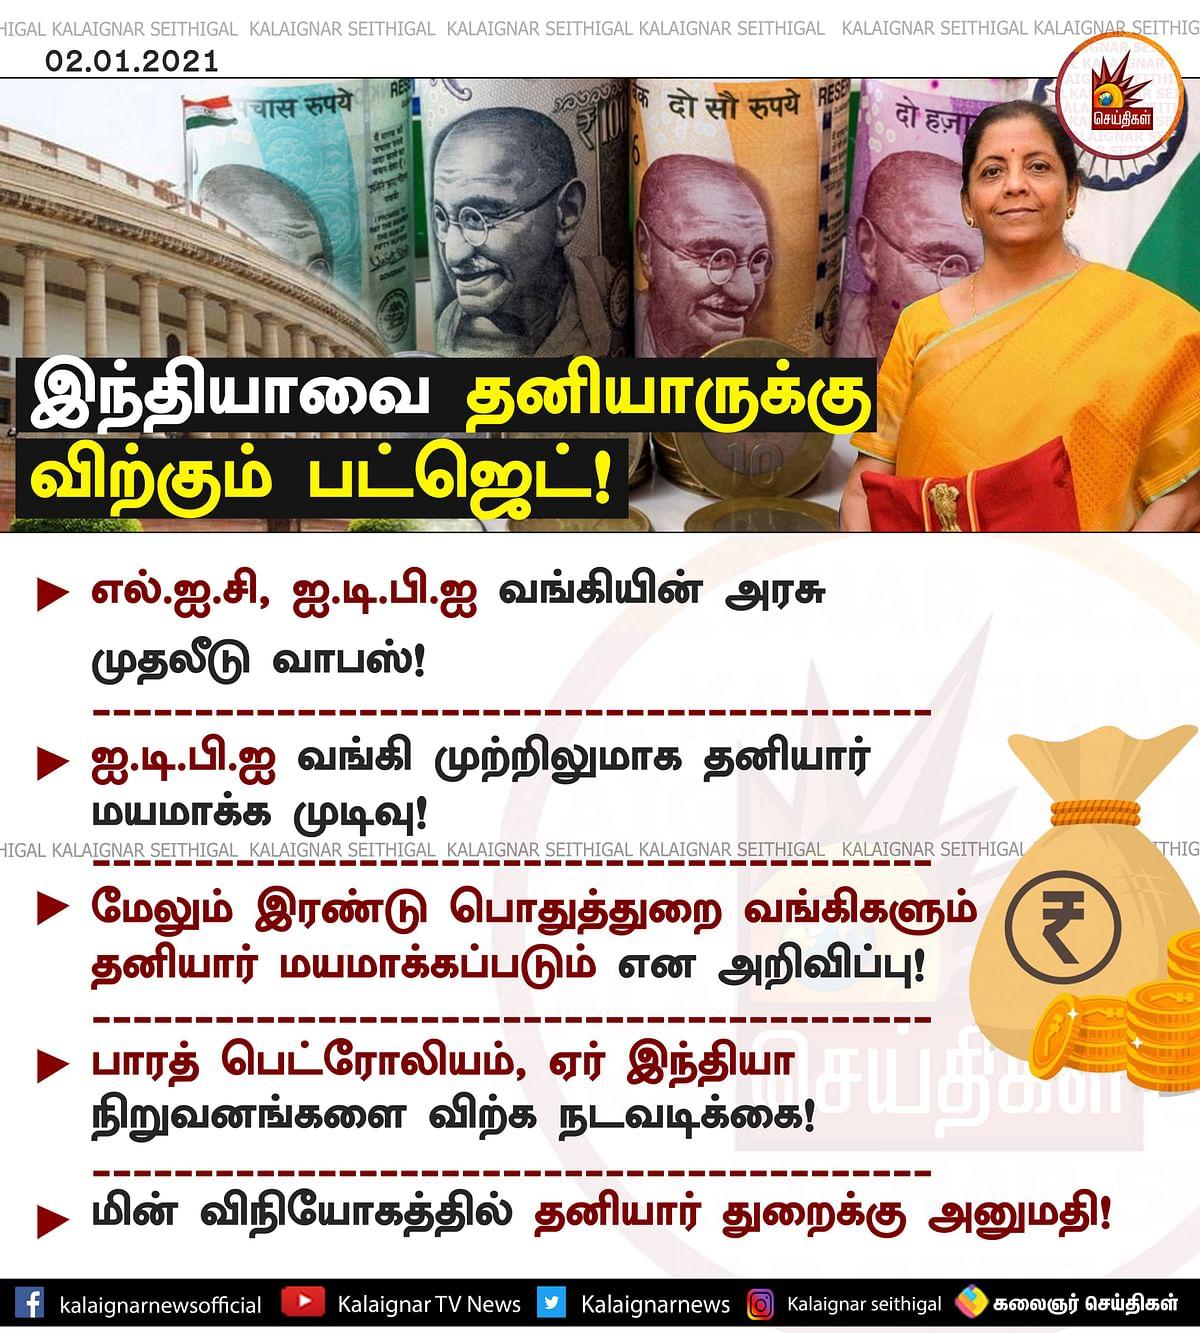 """""""இந்தியா விற்பனைக்கு"""" : கார்ப்பரேட்களுக்கு சிவப்பு கம்பளம் விரித்த நிர்மலா சீதாராமனின் 2021 பட்ஜெட் !"""